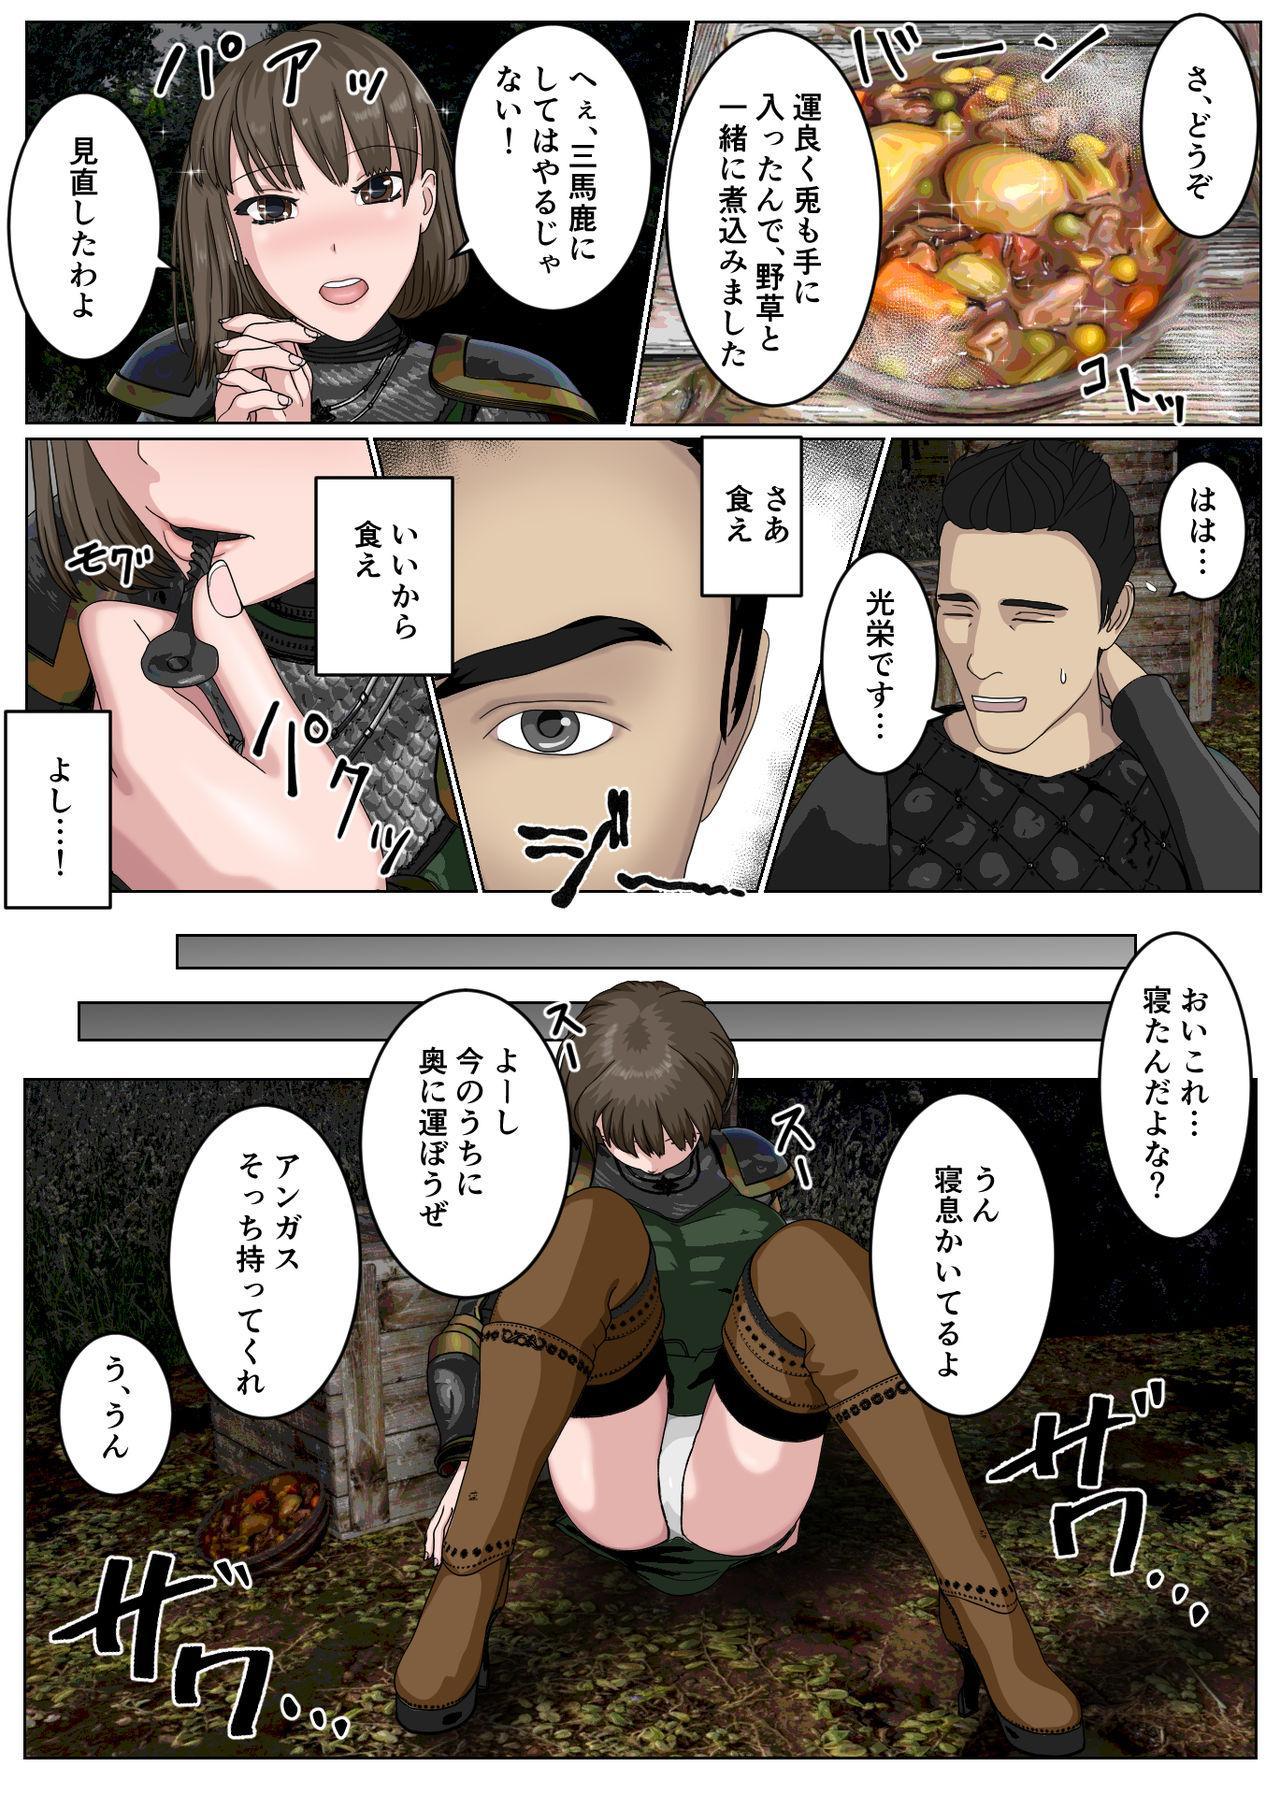 Namaiki na Onna Kishi Taichou ga Buka ni Gekokujou sarete Takusan Hidoi Me ni Au nante... 7